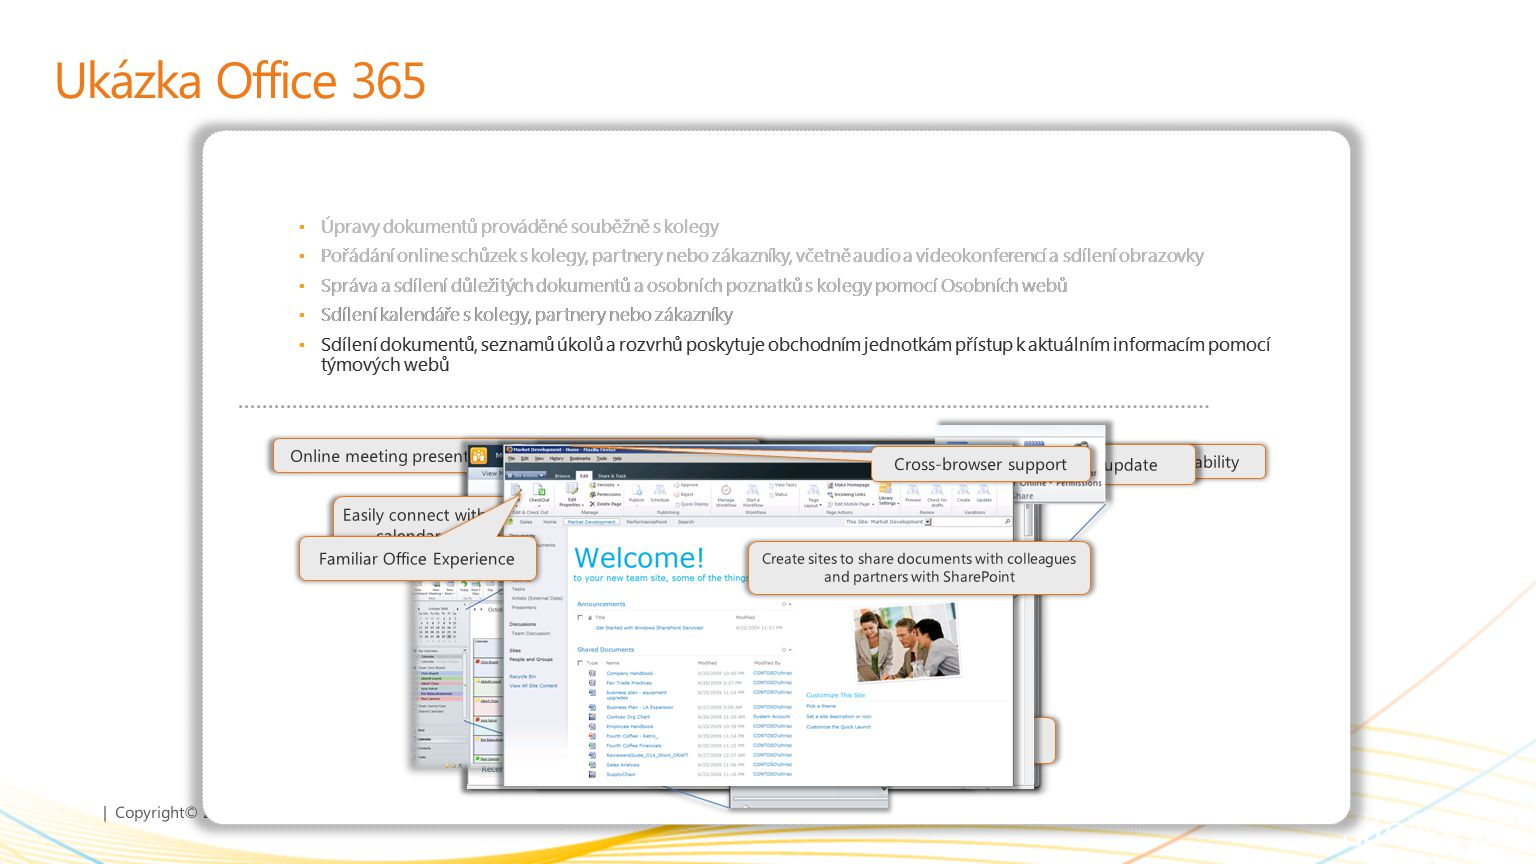 Ukázka Office 365 Úpravy dokumentů prováděné souběžně s kolegy